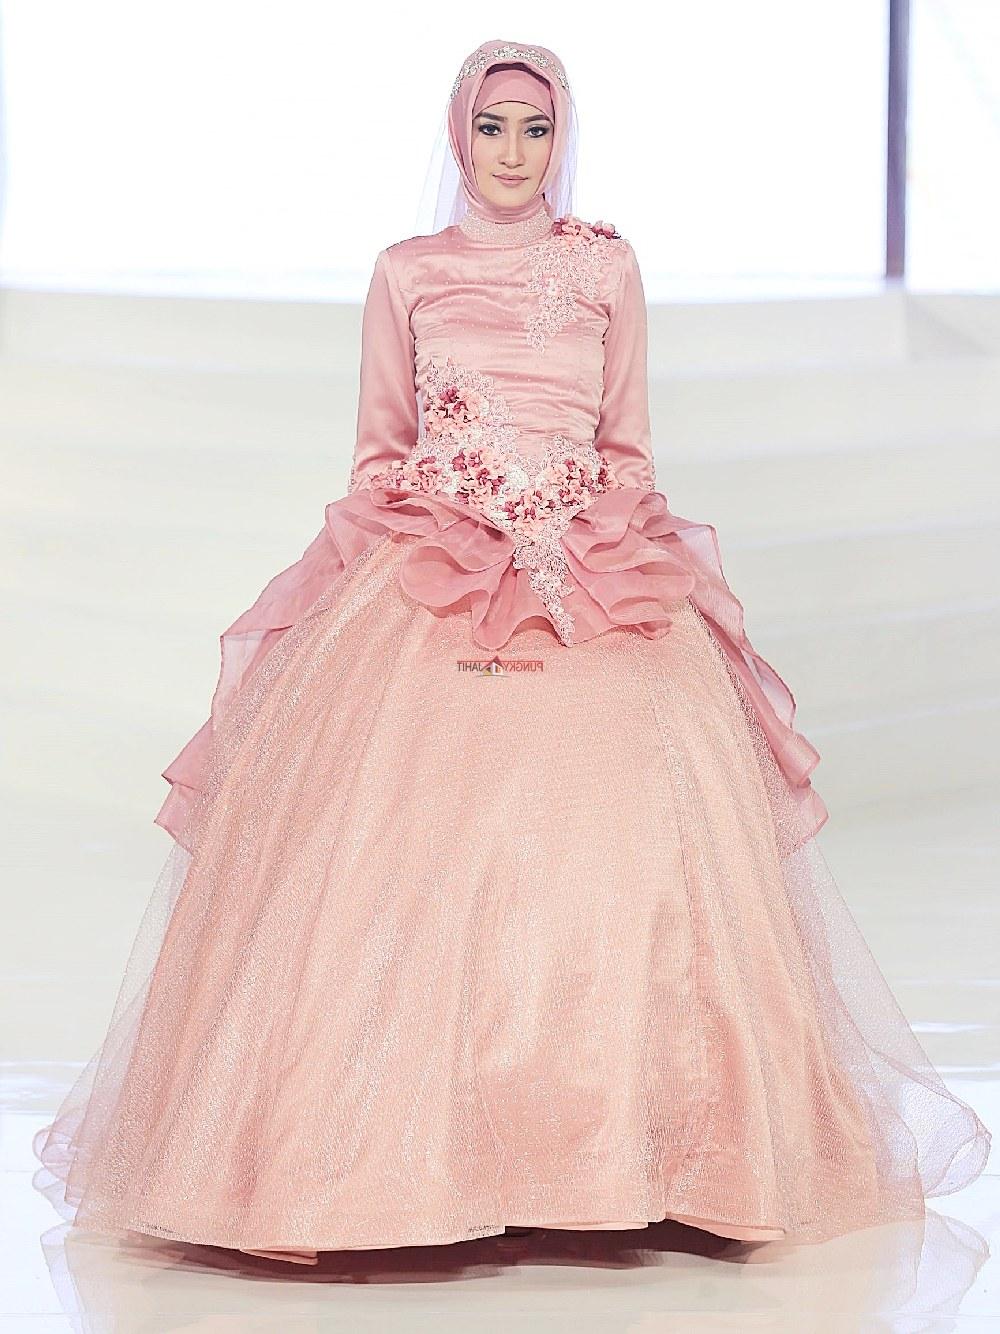 Model Harga Sewa Baju Pengantin Muslimah U3dh Sewa Perdana Baju Pengantin Muslimah Jogja Gaun Pengantin